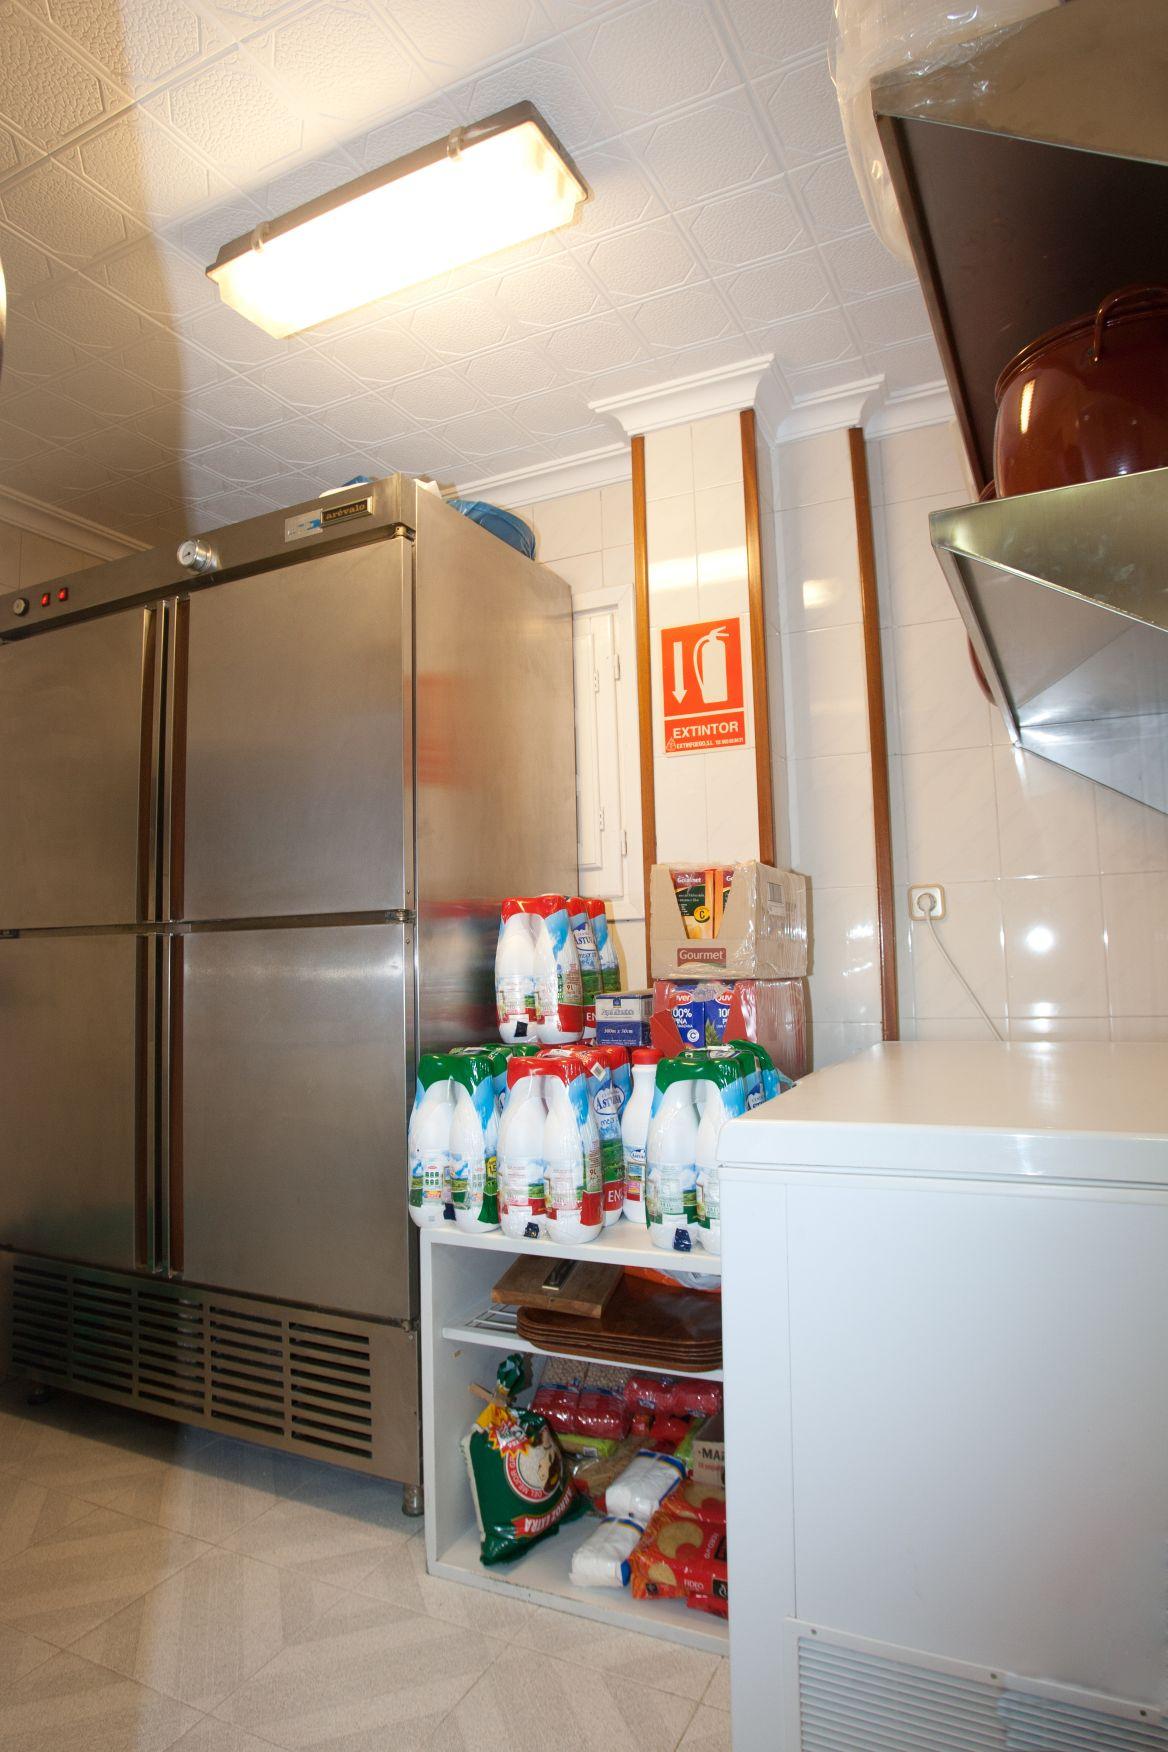 cocina de la escuela donde se preparan comidas caseras